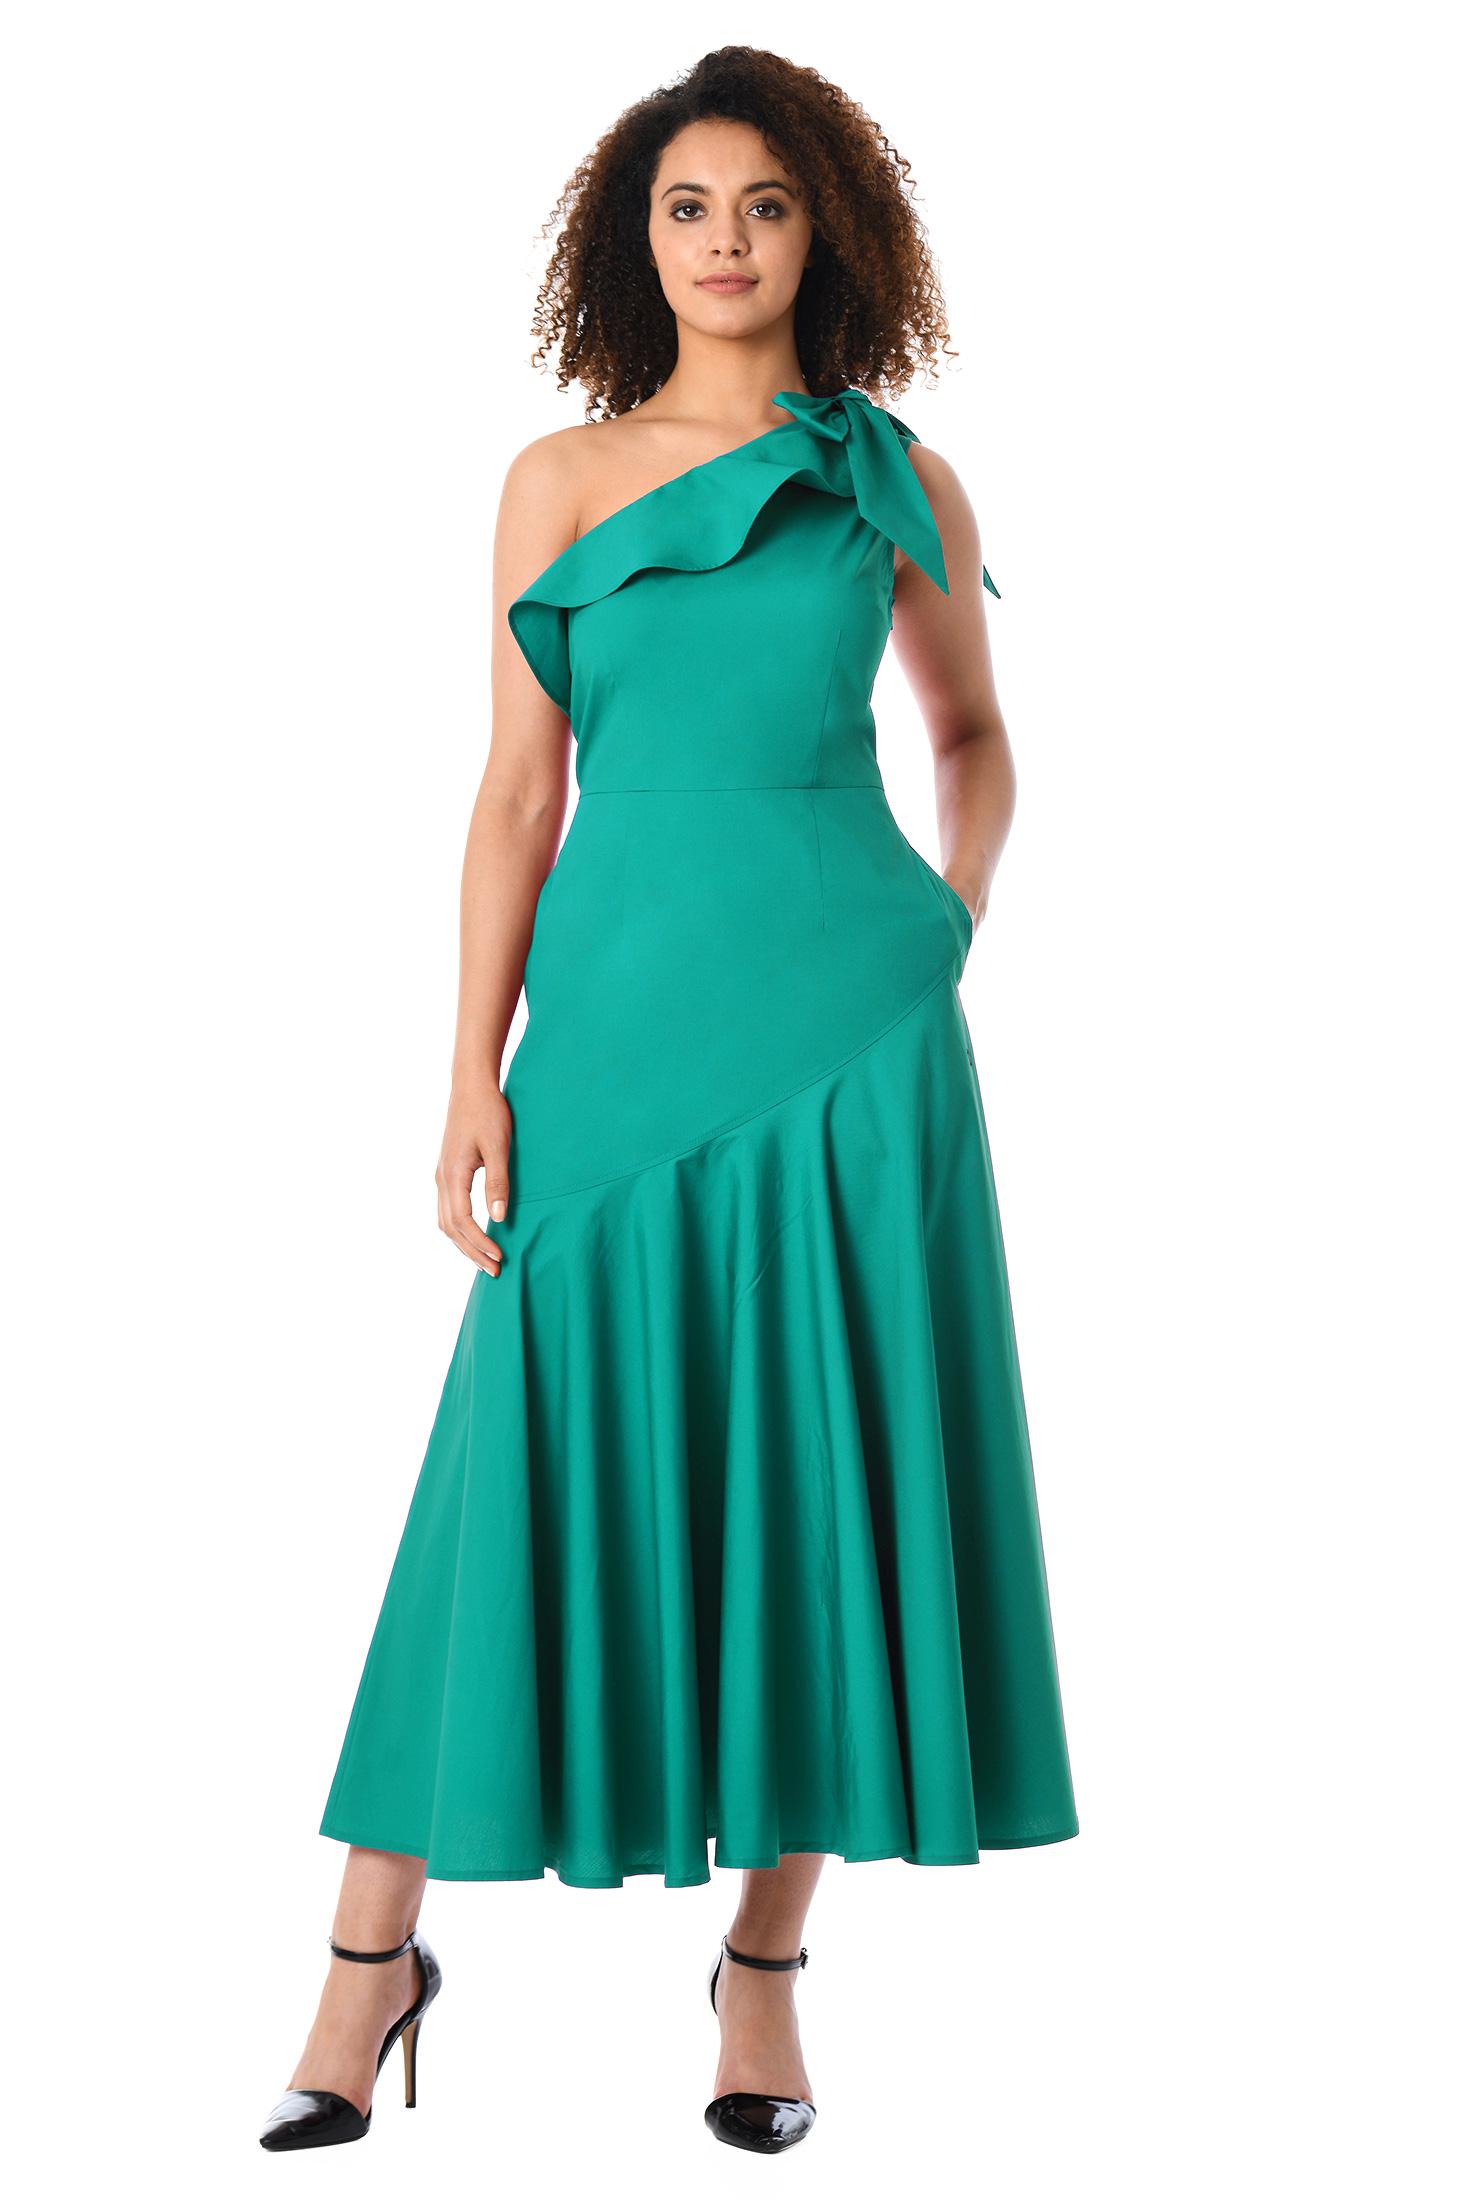 71e2bac6a753 Women s Fashion Clothing 0-36W and Custom